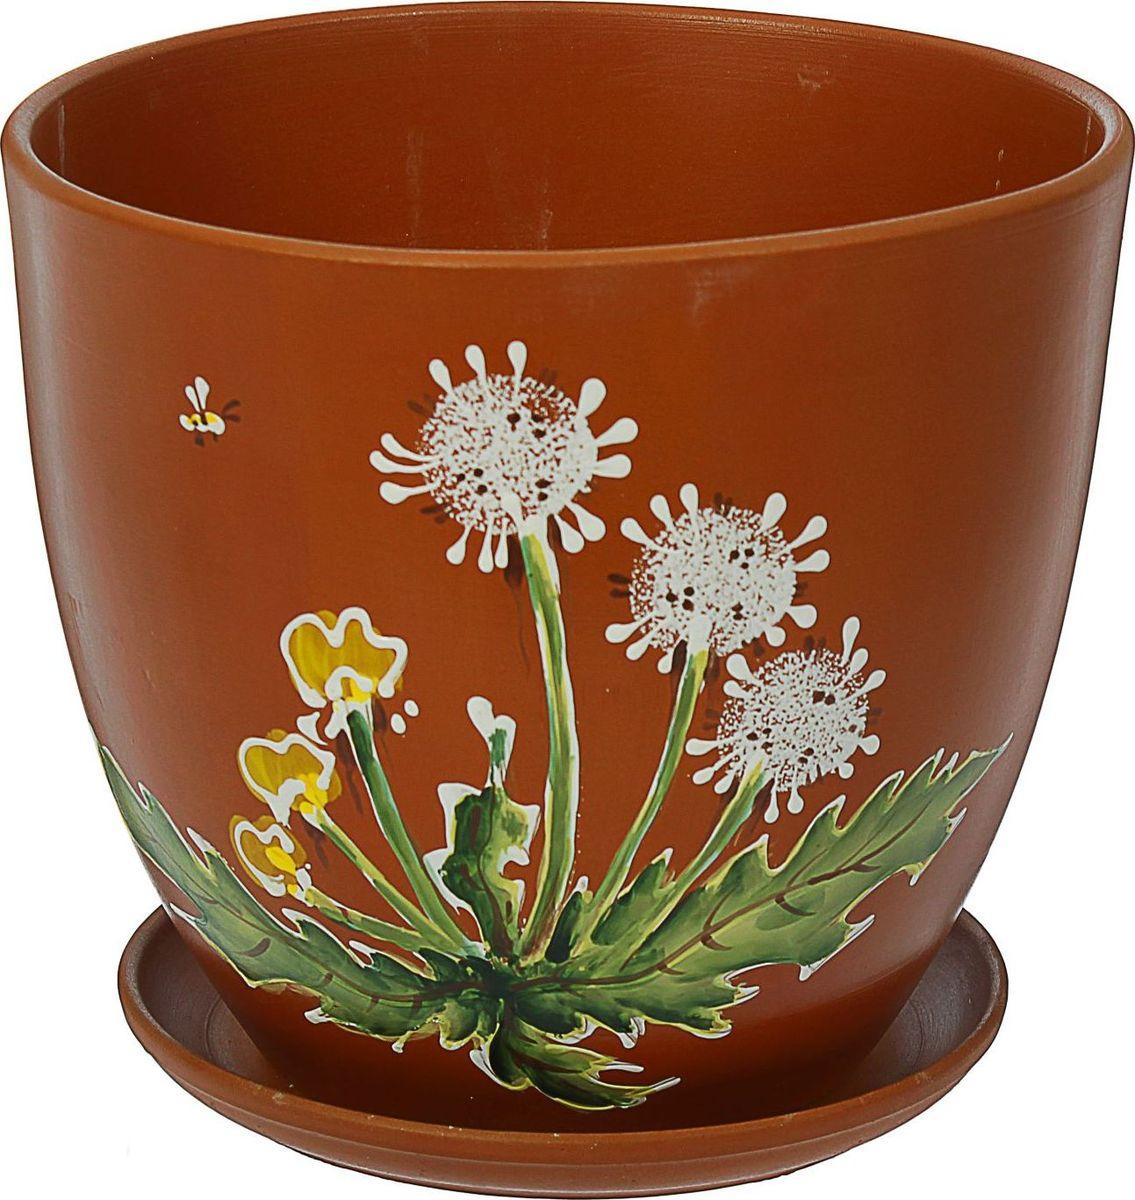 Кашпо Одуванчик, 8,5 л1437913Комнатные растения — всеобщие любимцы. Они радуют глаз, насыщают помещение кислородом и украшают пространство. Каждому из них необходим свой удобный и красивый дом. Кашпо из керамики прекрасно подходят для высадки растений: за счёт пластичности глины и разных способов обработки существует великое множество форм и дизайновпористый материал позволяет испаряться лишней влагевоздух, необходимый для дыхания корней, проникает сквозь керамические стенки! #name# позаботится о зелёном питомце, освежит интерьер и подчеркнёт его стиль.